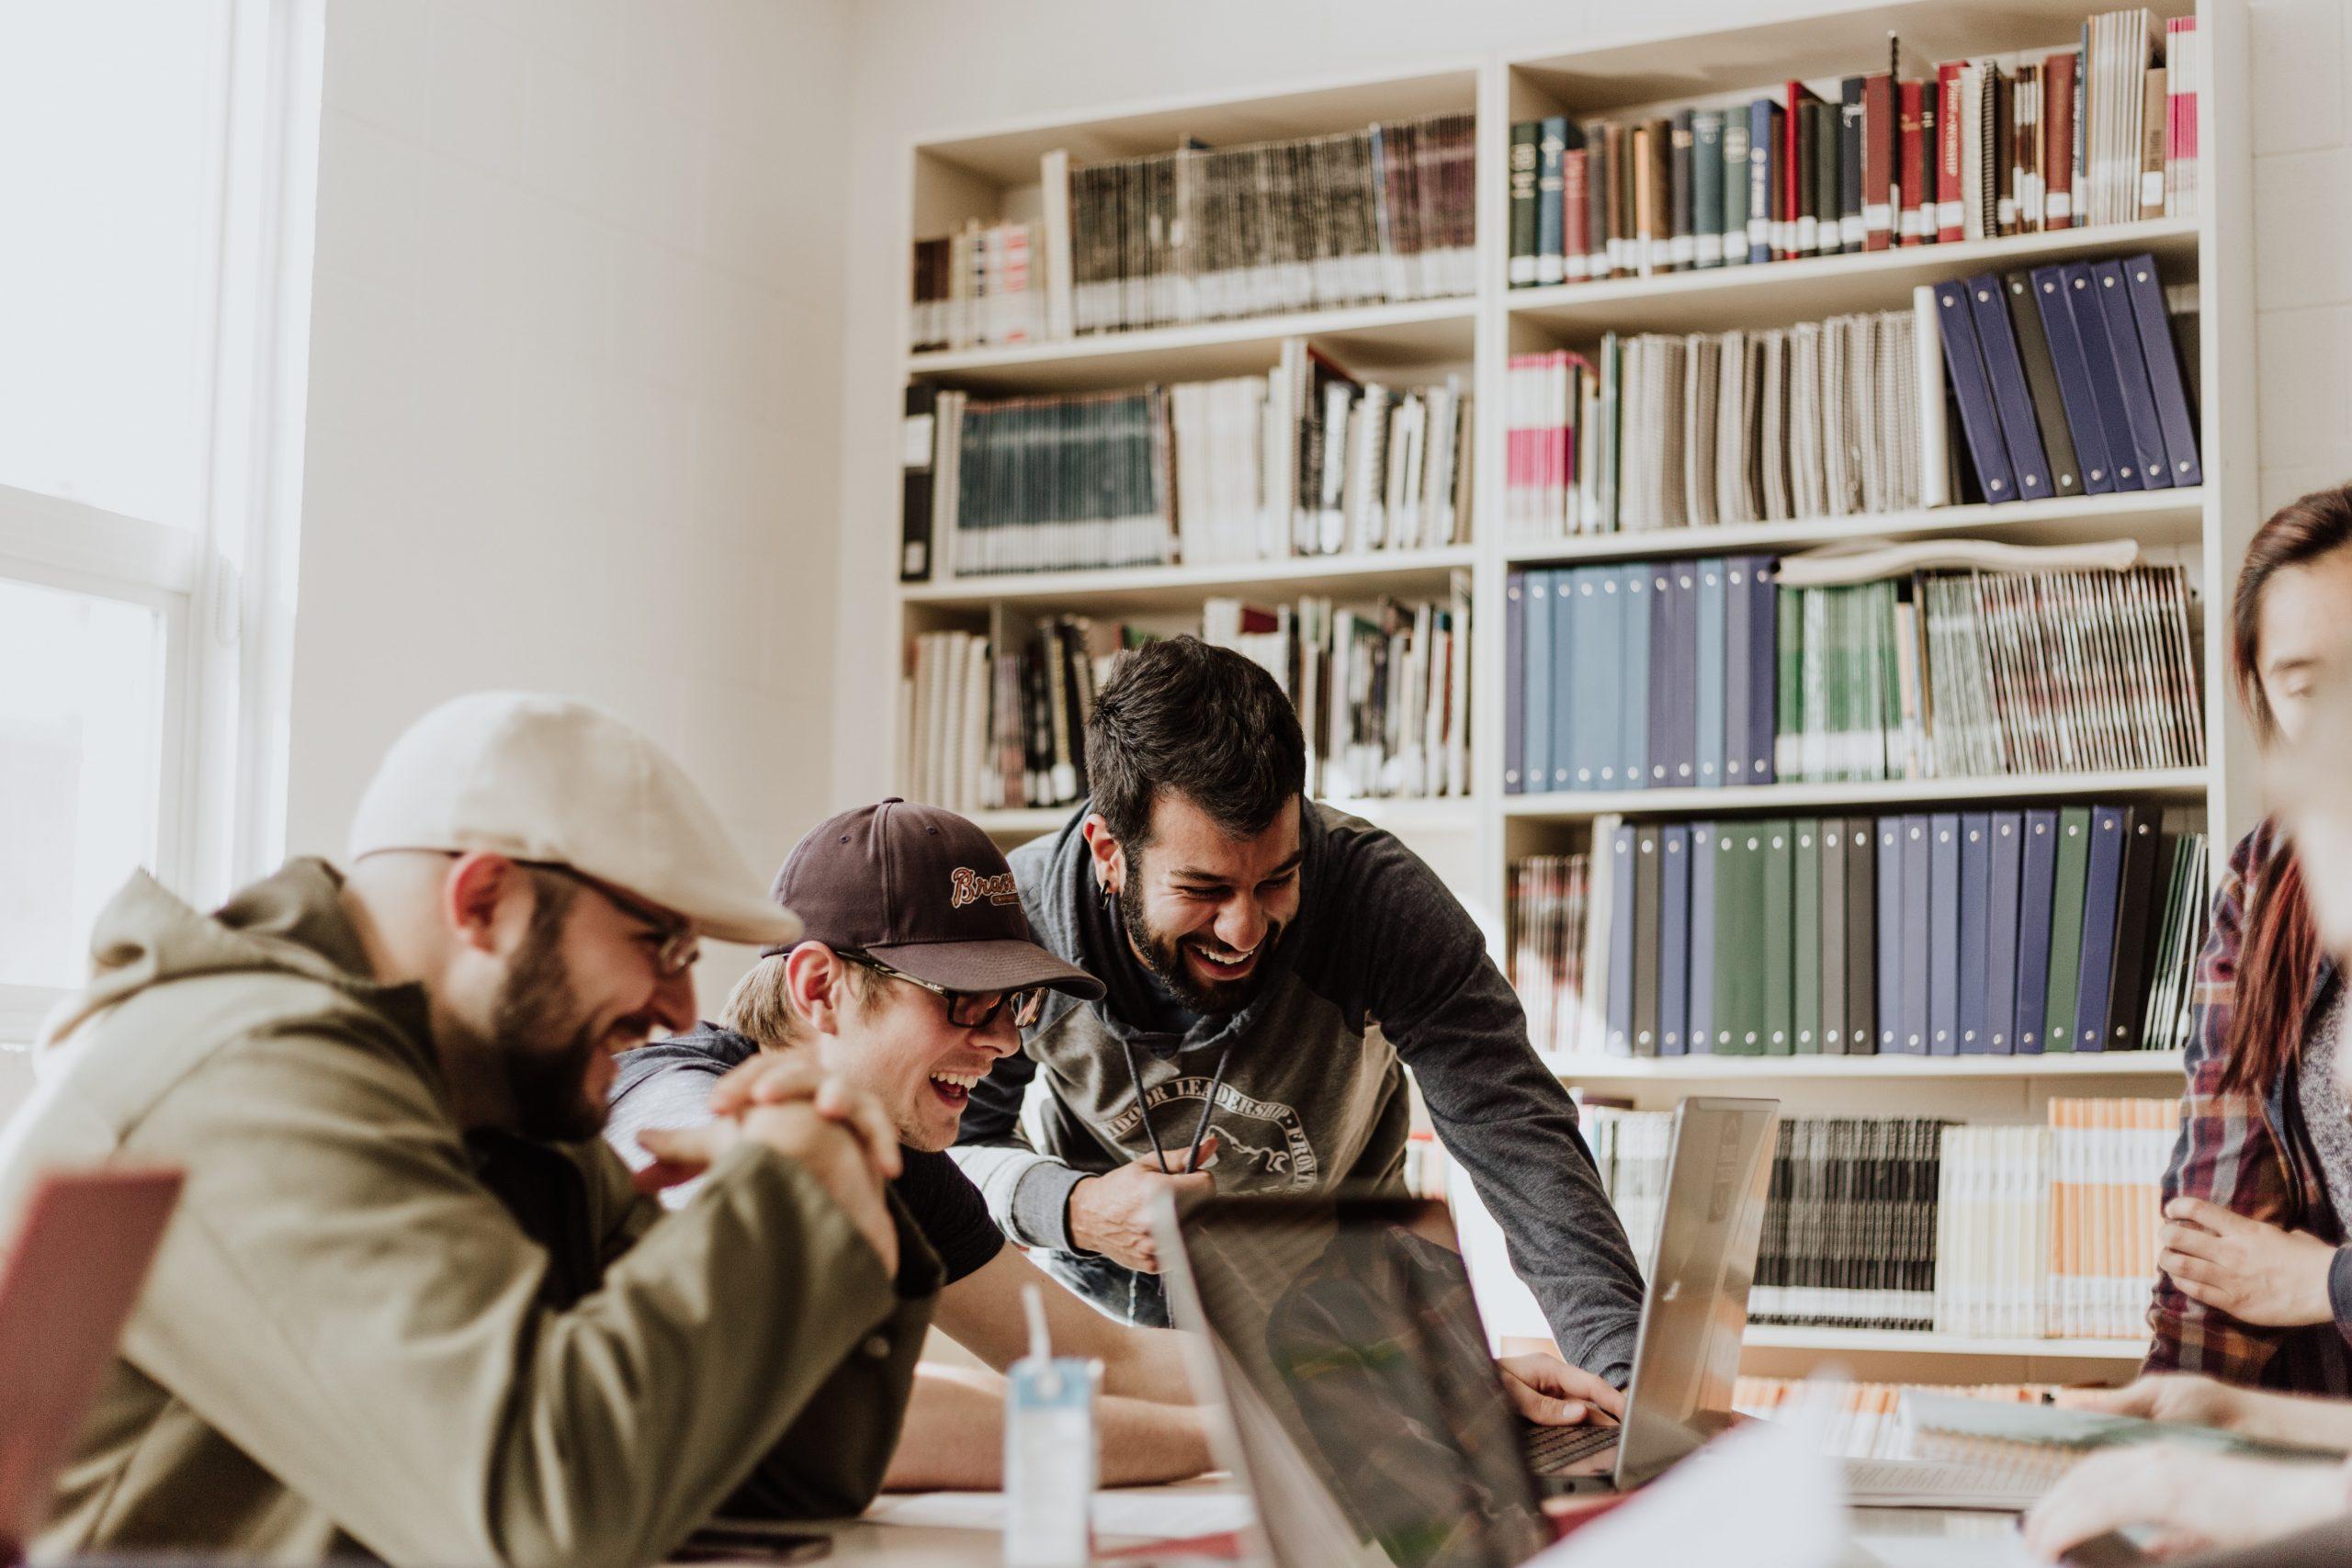 Hackathon e a busca por soluções inovadoras estimuladas por aceleradoras, pessoas participam deste encontro como parte do ecossistema de inovacao